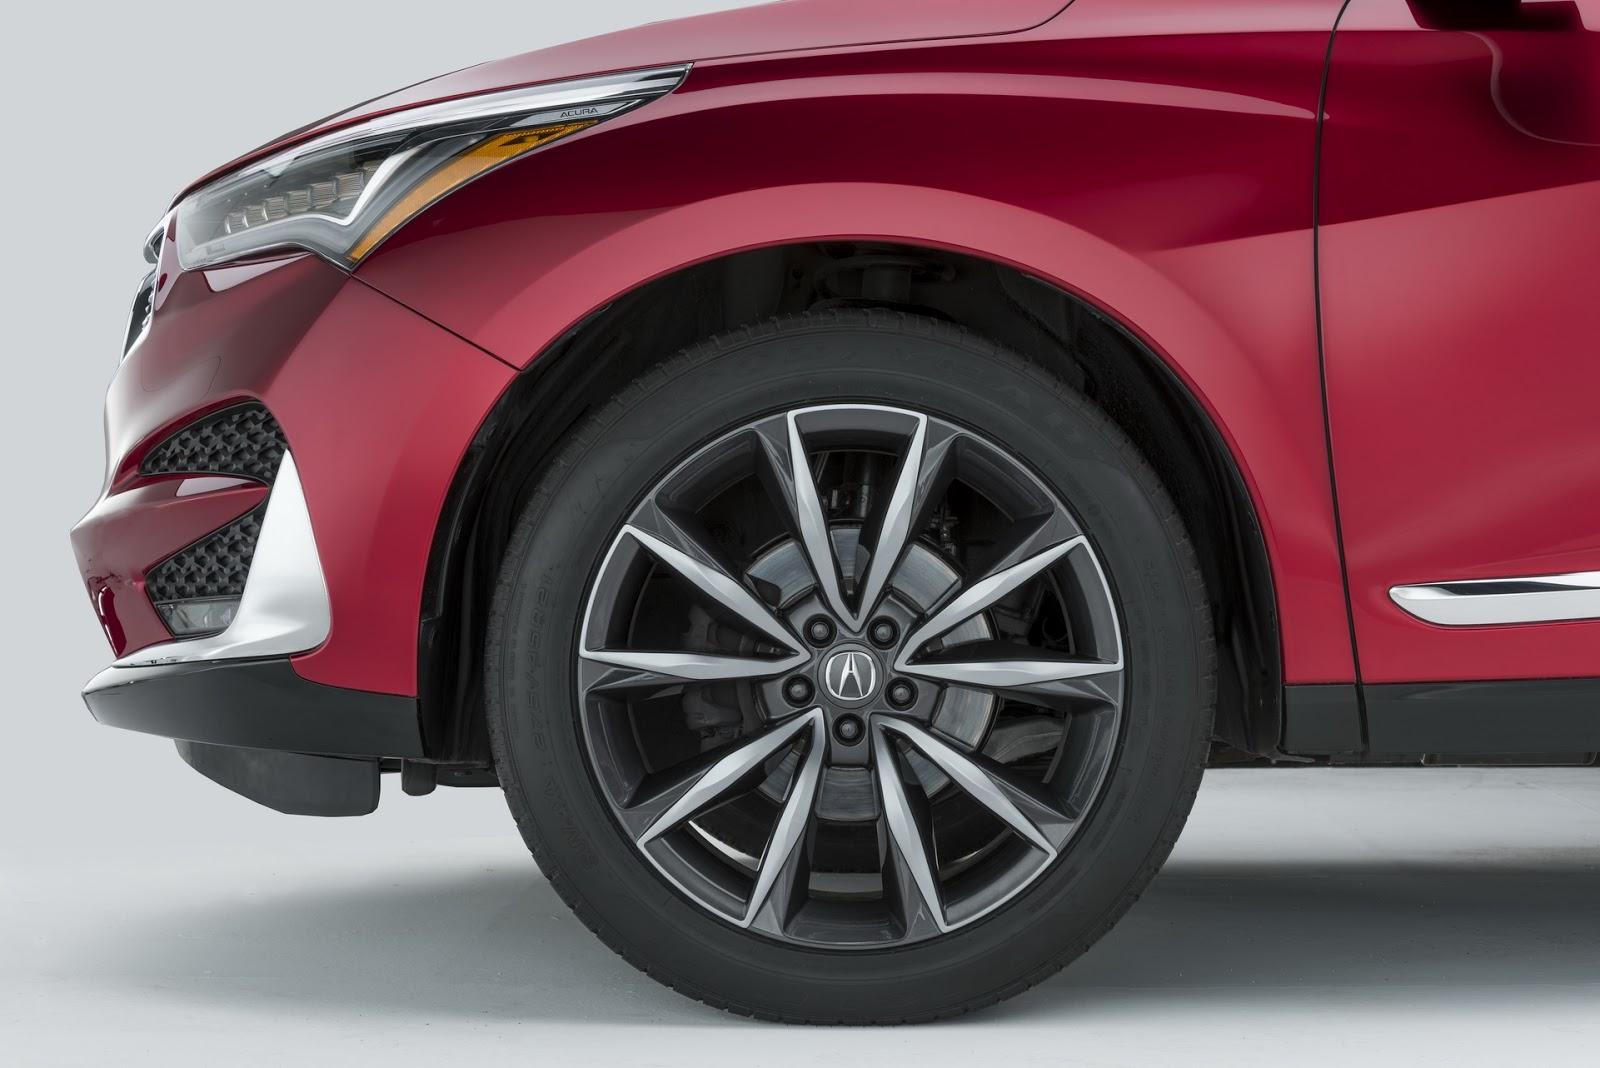 2019-Acura-RDX-8.jpg